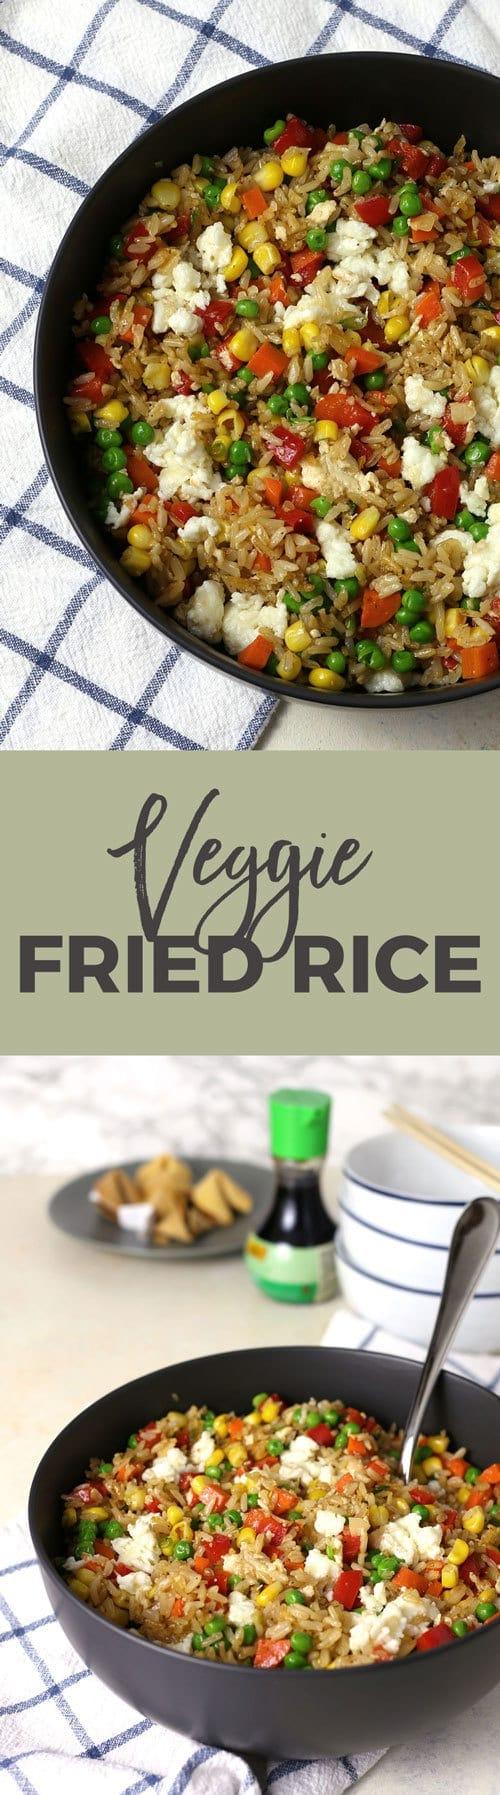 veggie fried rice long pin